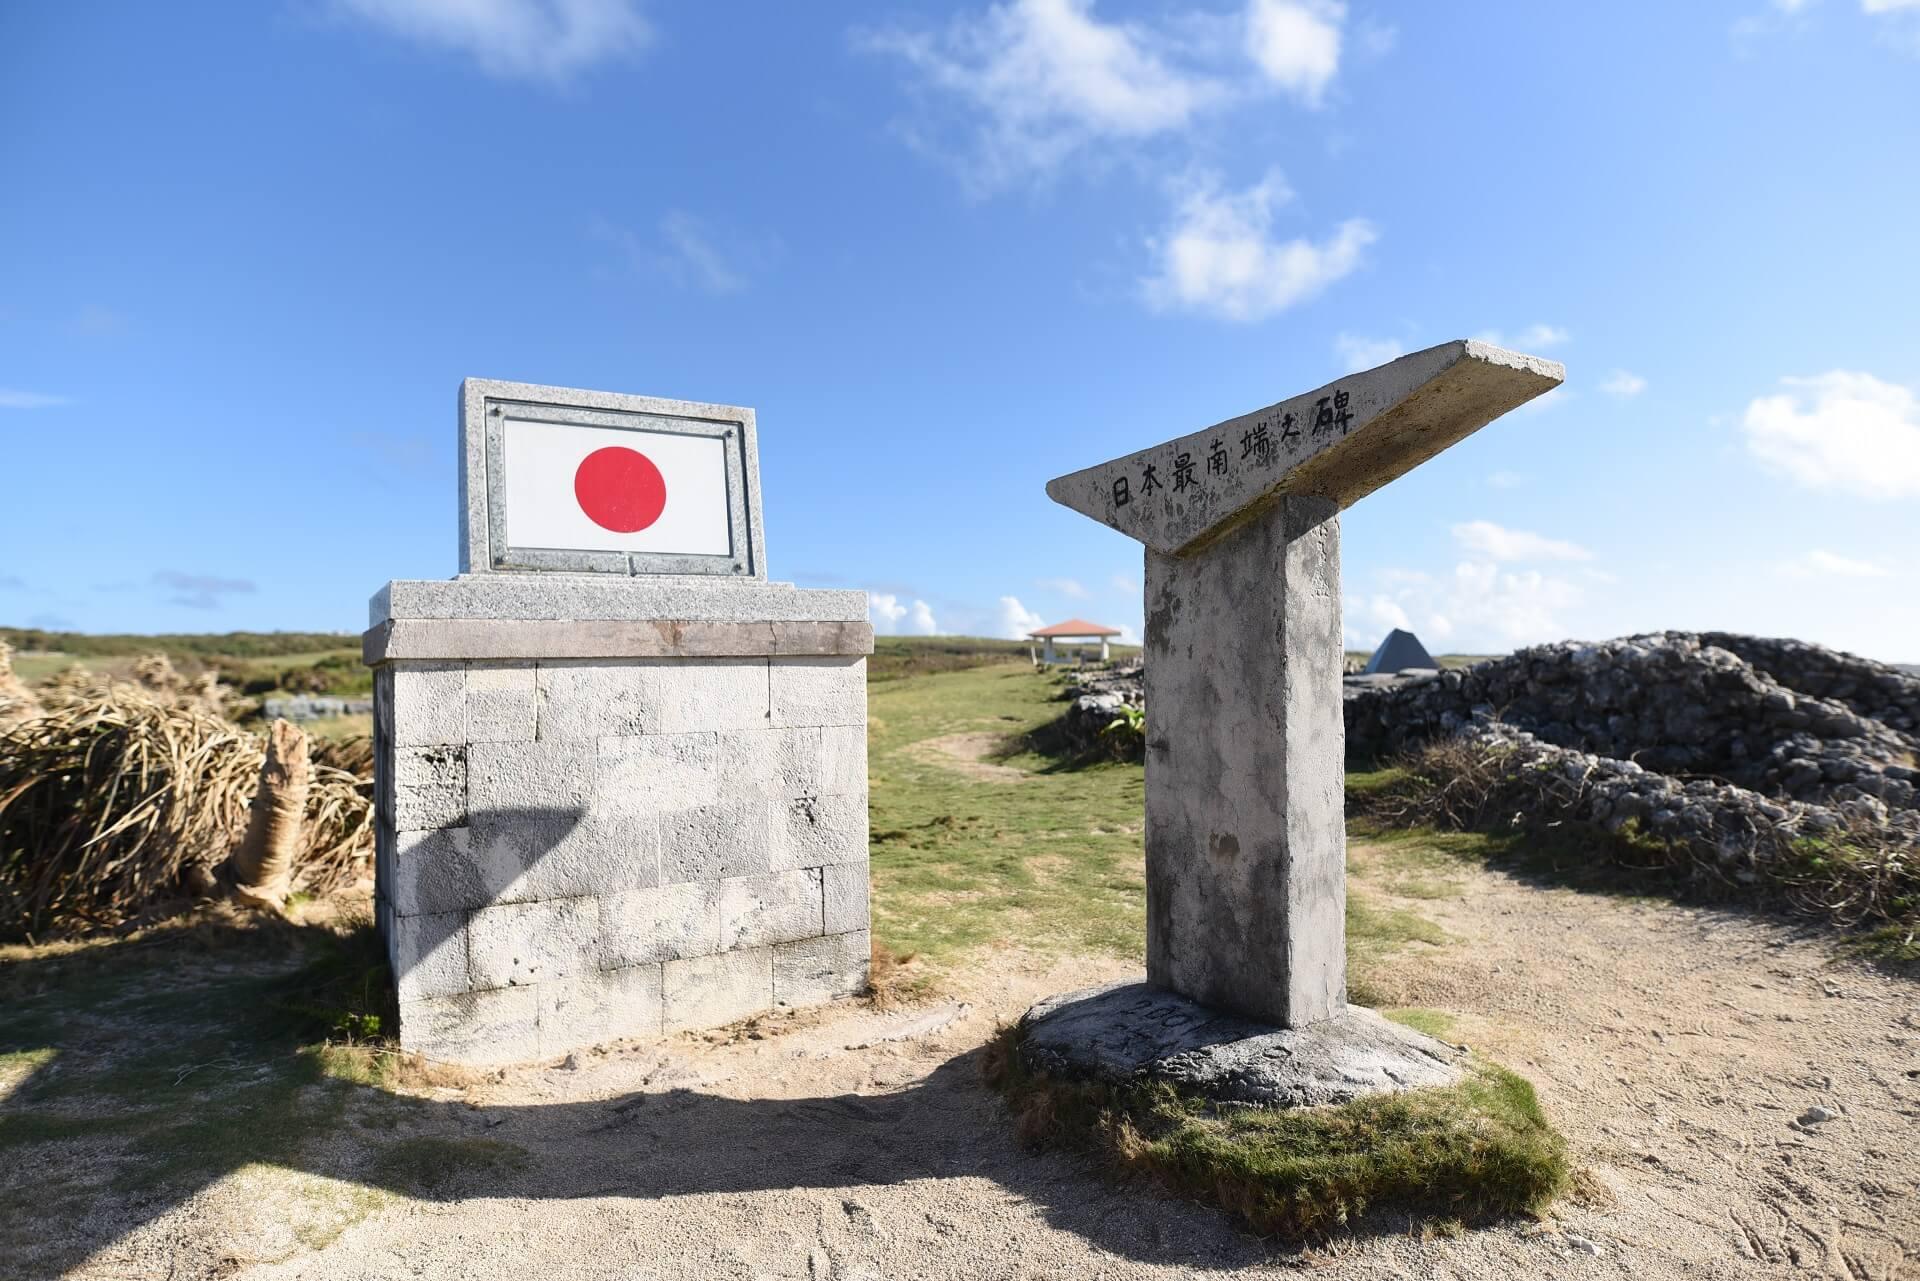 日本最南端の碑と日本国旗の画像